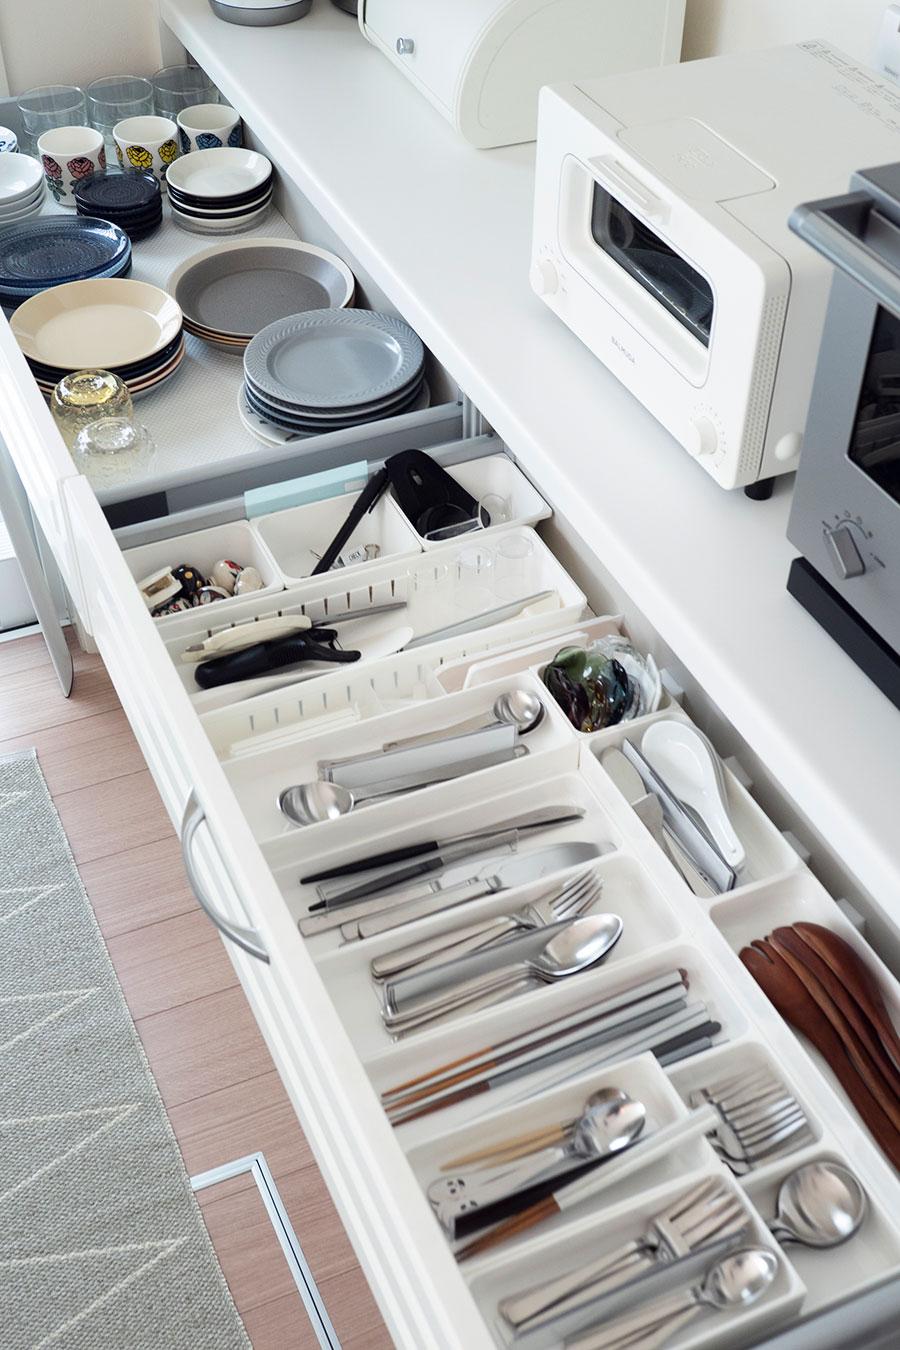 普段使いのカトラリー類は、適正量をアイテム別に収納。食器類も引出し式なら奥の方も見やすく、取り出しやすい。